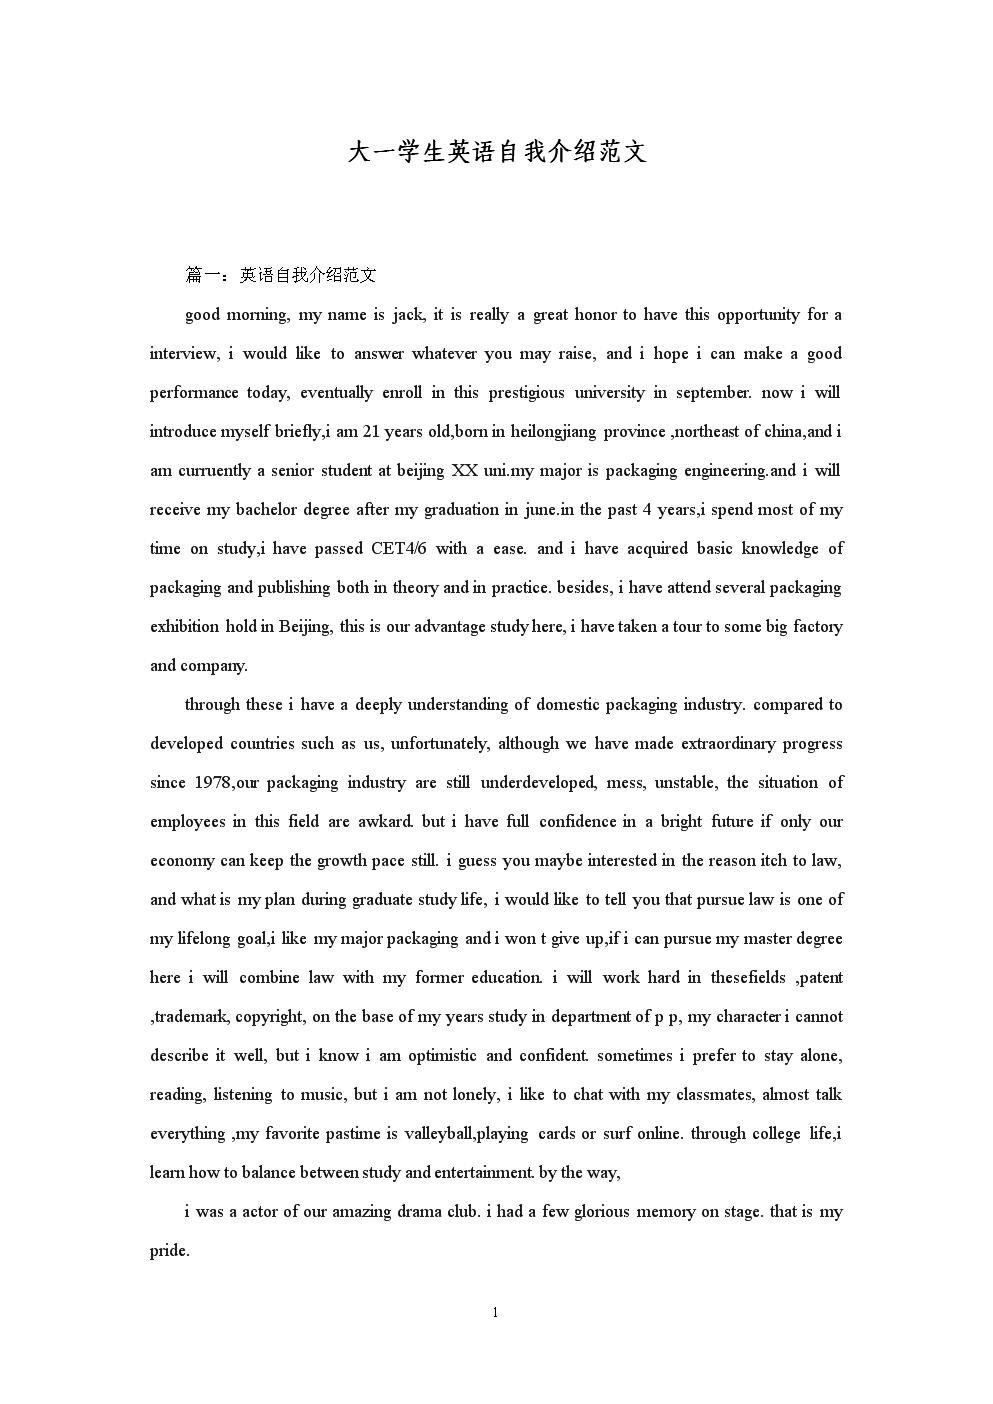 大一学生英语自我介绍范文—最新范文.doc